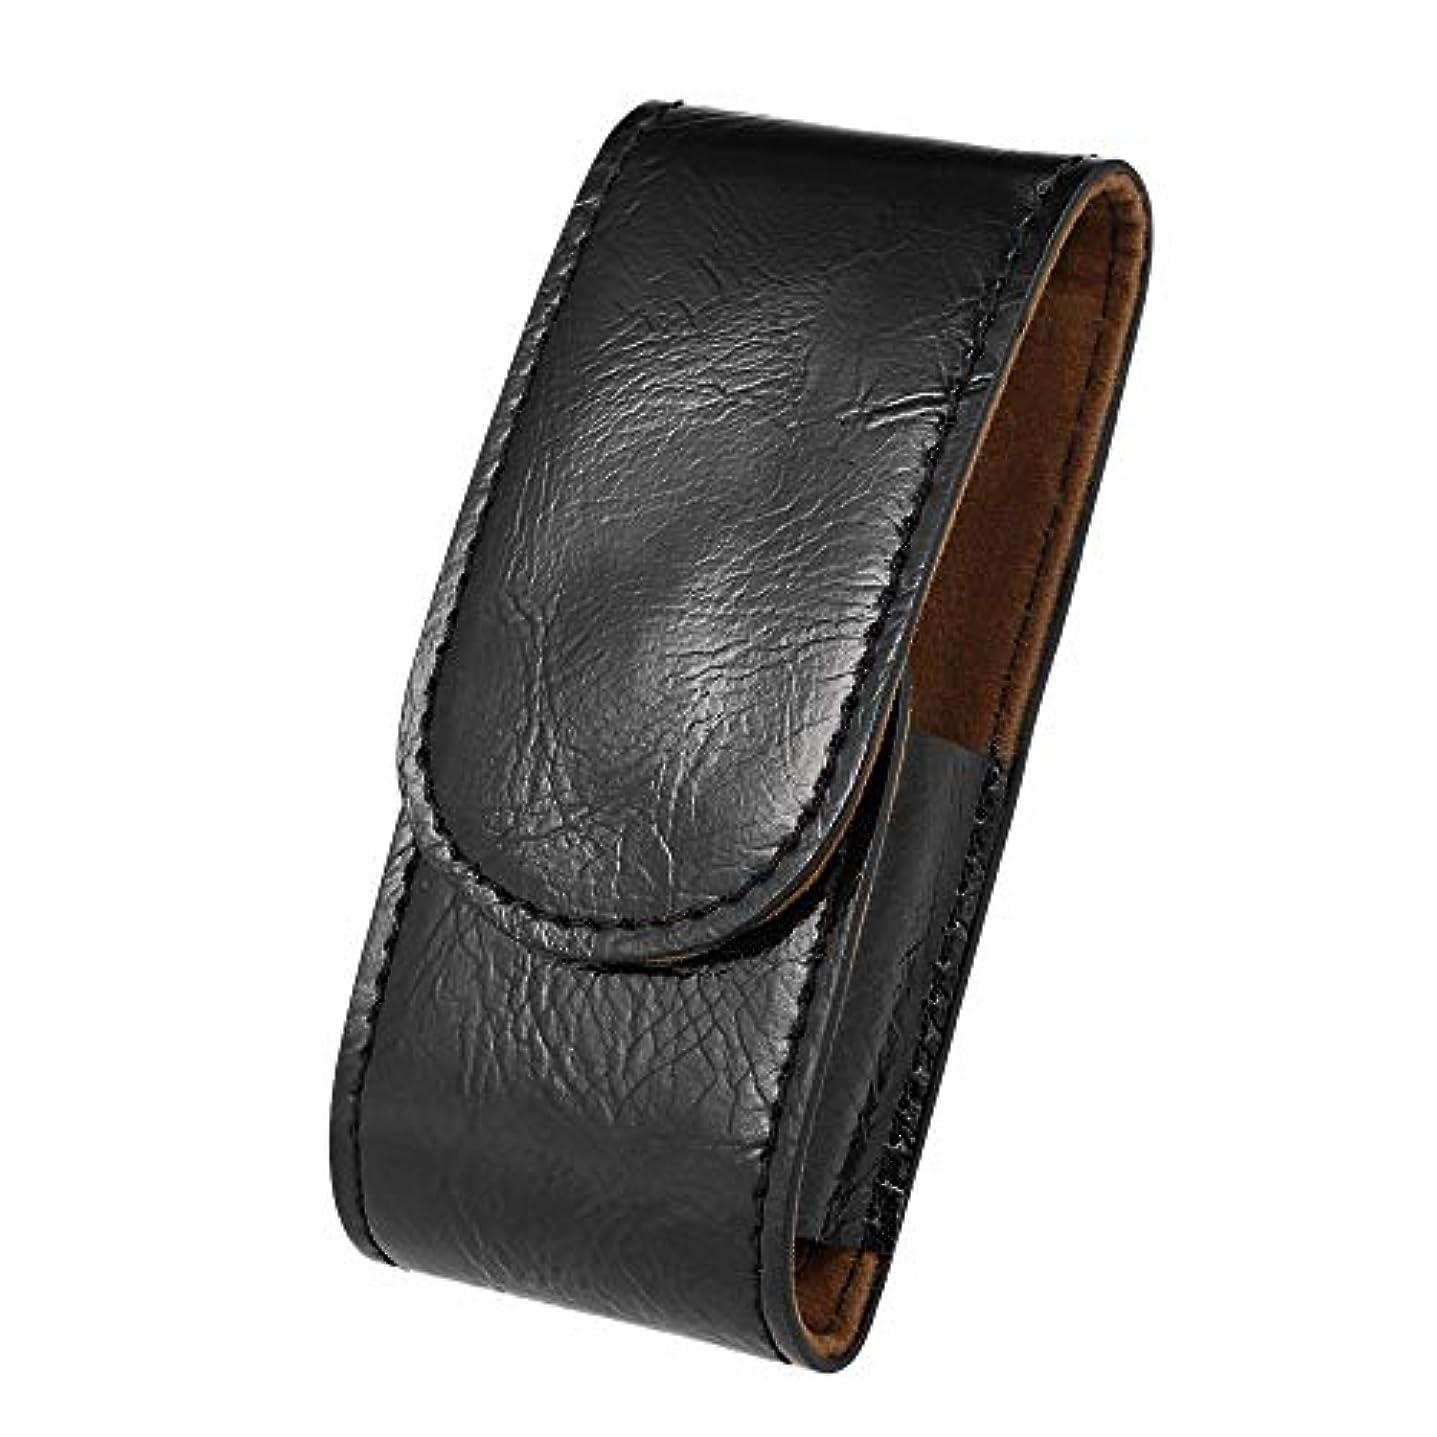 大胆な西ハグMen PU Leather Razor Pouch Shave Beard Shaver Handbag Pouch Safety Razor Case Storage Bag Double Edge Razor Holder